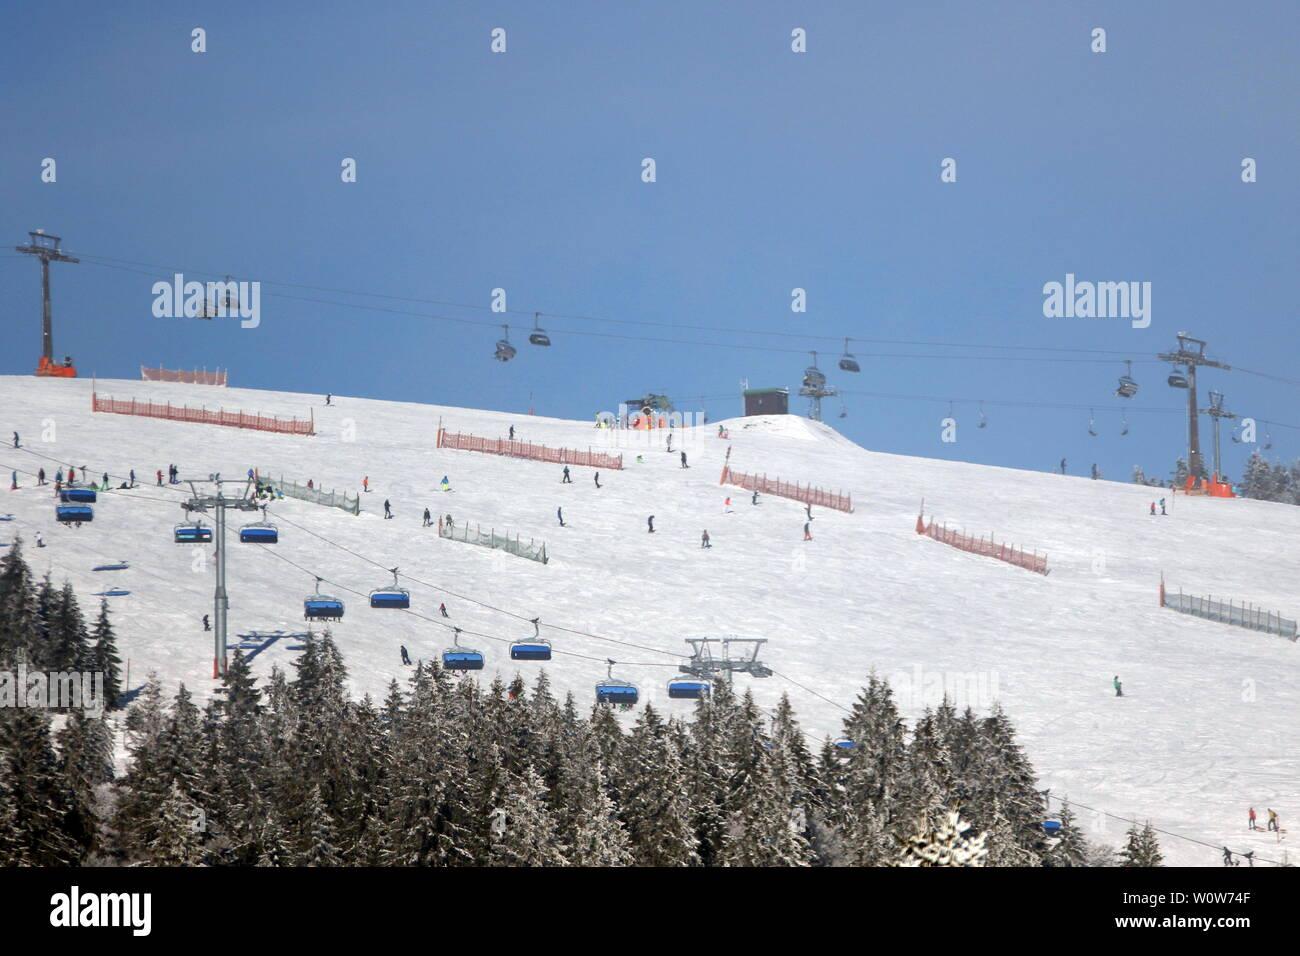 Am 1.493 Meter hoch gelegen Feldberg wurde die Skisaison eröffnet, Winterimpressionen aus der Feldberg-Region Stock Photo